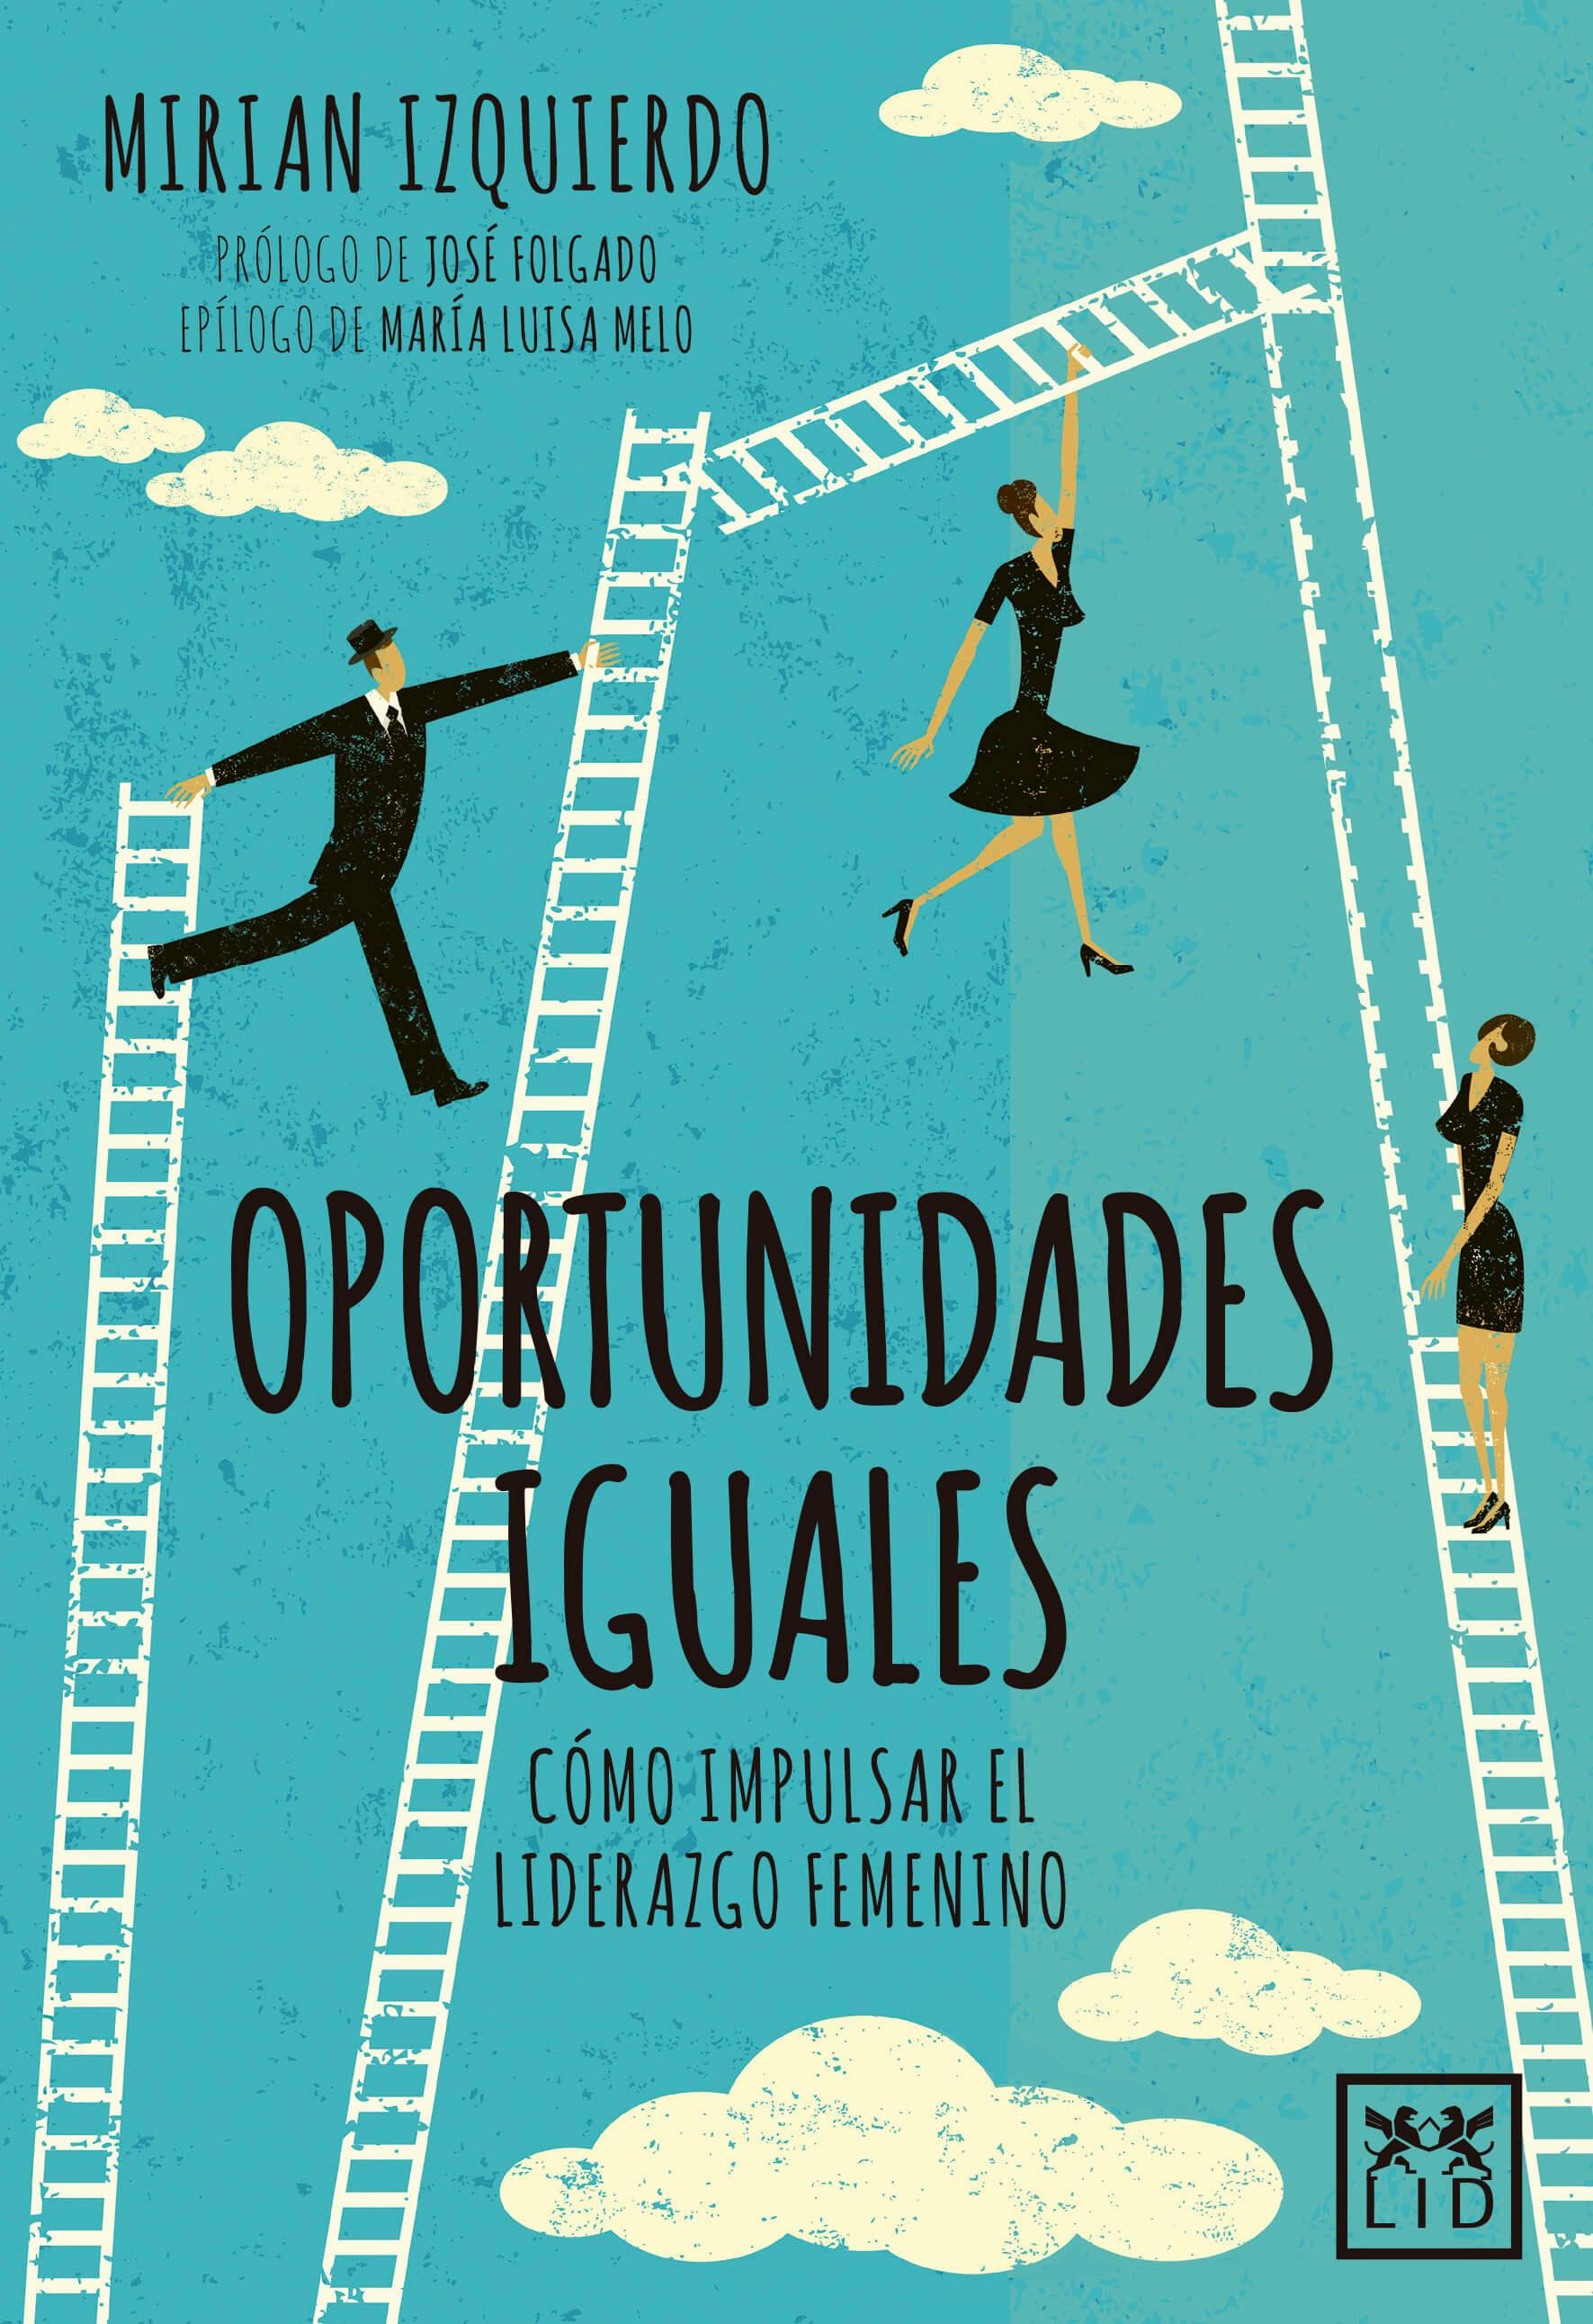 Oportunidades iguales. Cómo impulsar el liderazgo femenino